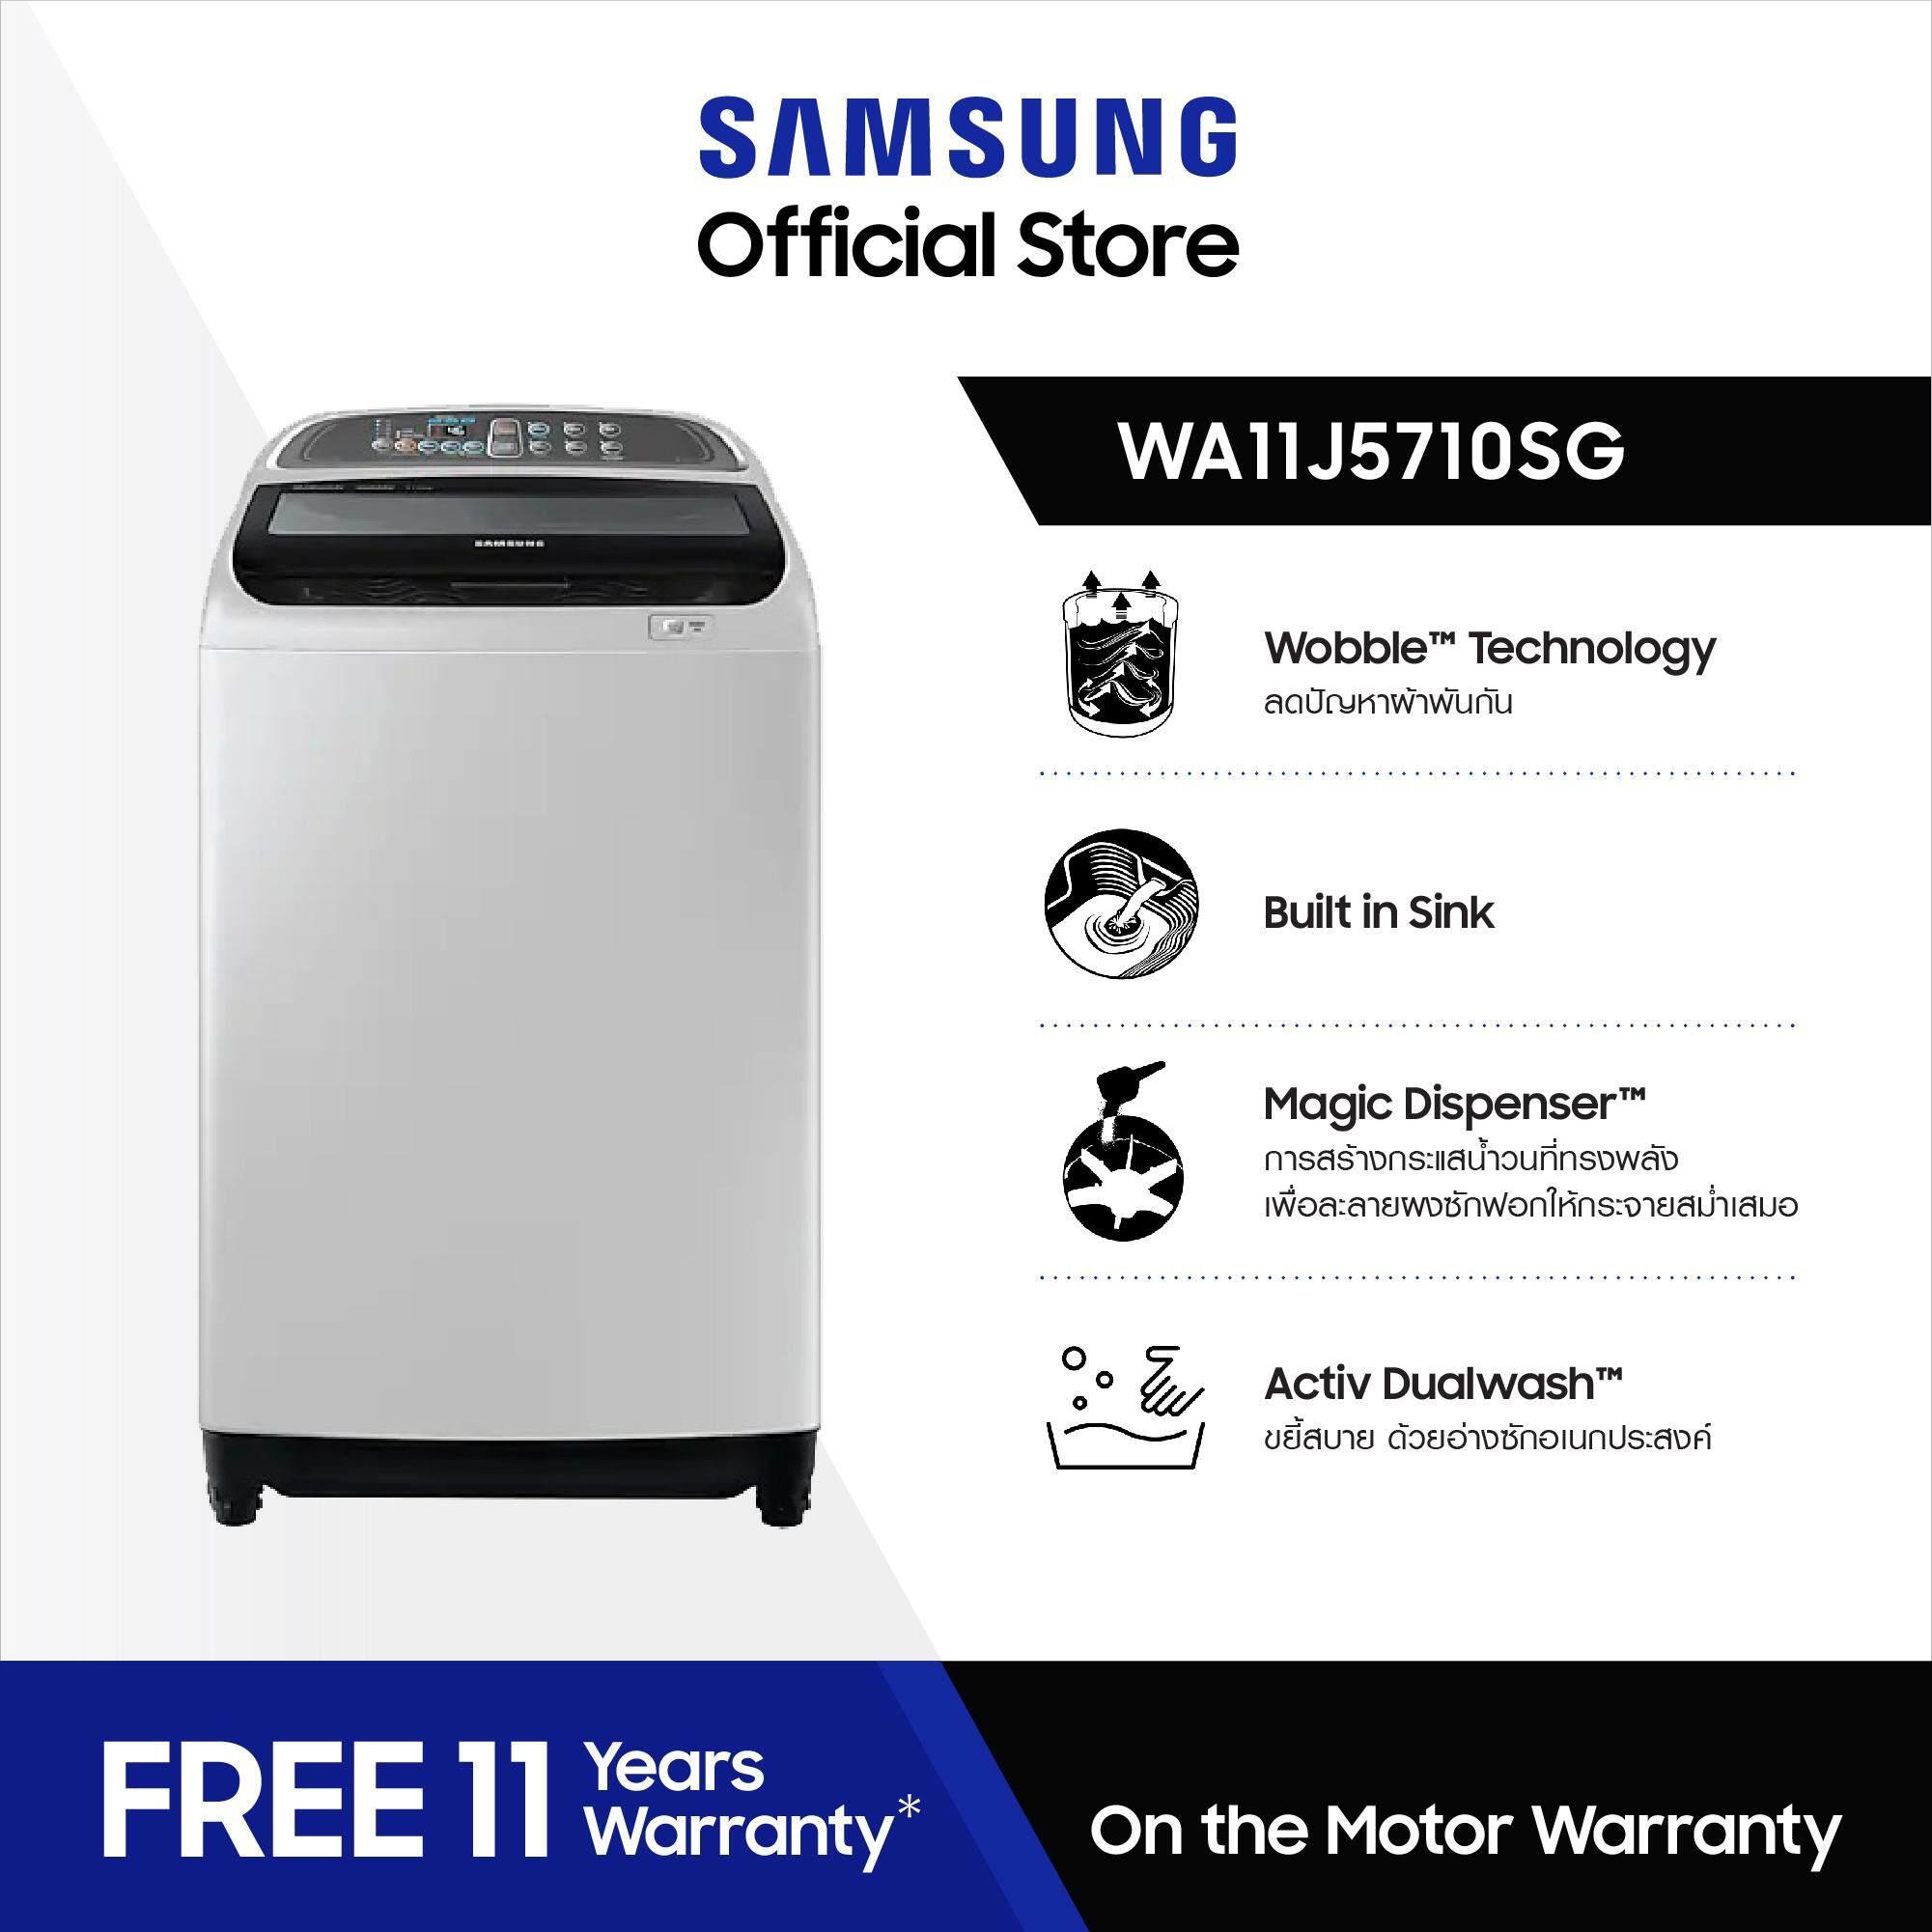 Samsung เครื่องซักผ้าฝาบน Activ Dualwash ความจุ 11 กก. รุ่น WA11J5710SG/ST